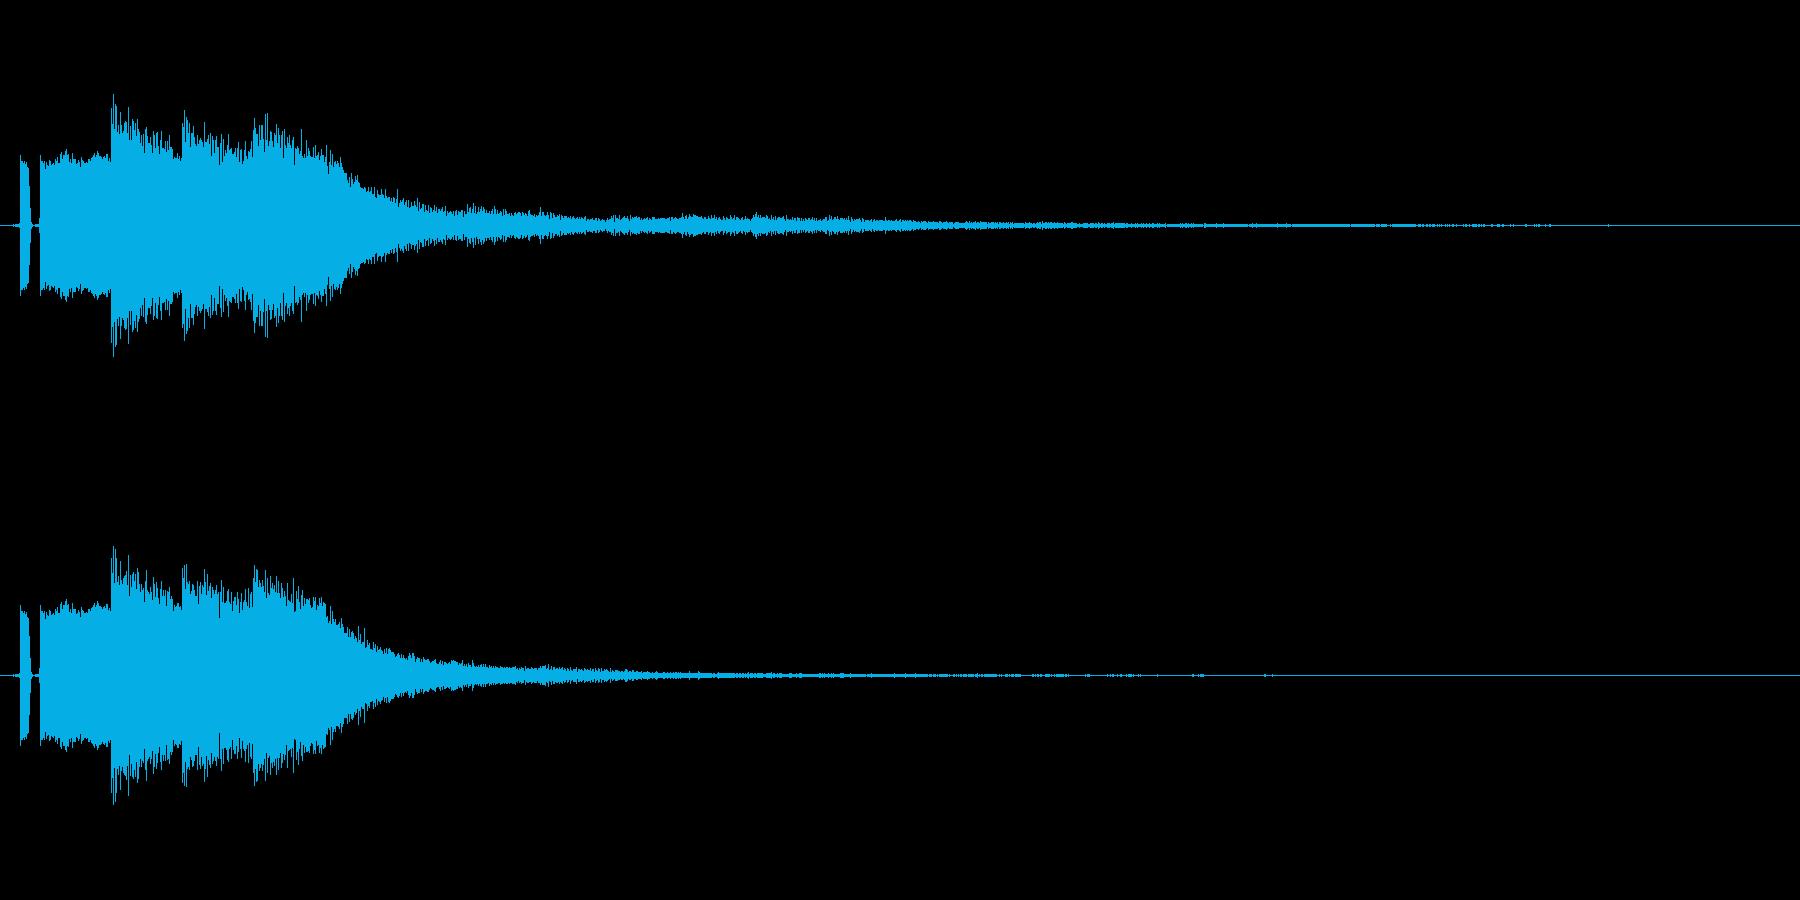 きらきらーん(きらめいてる感じSE)の再生済みの波形